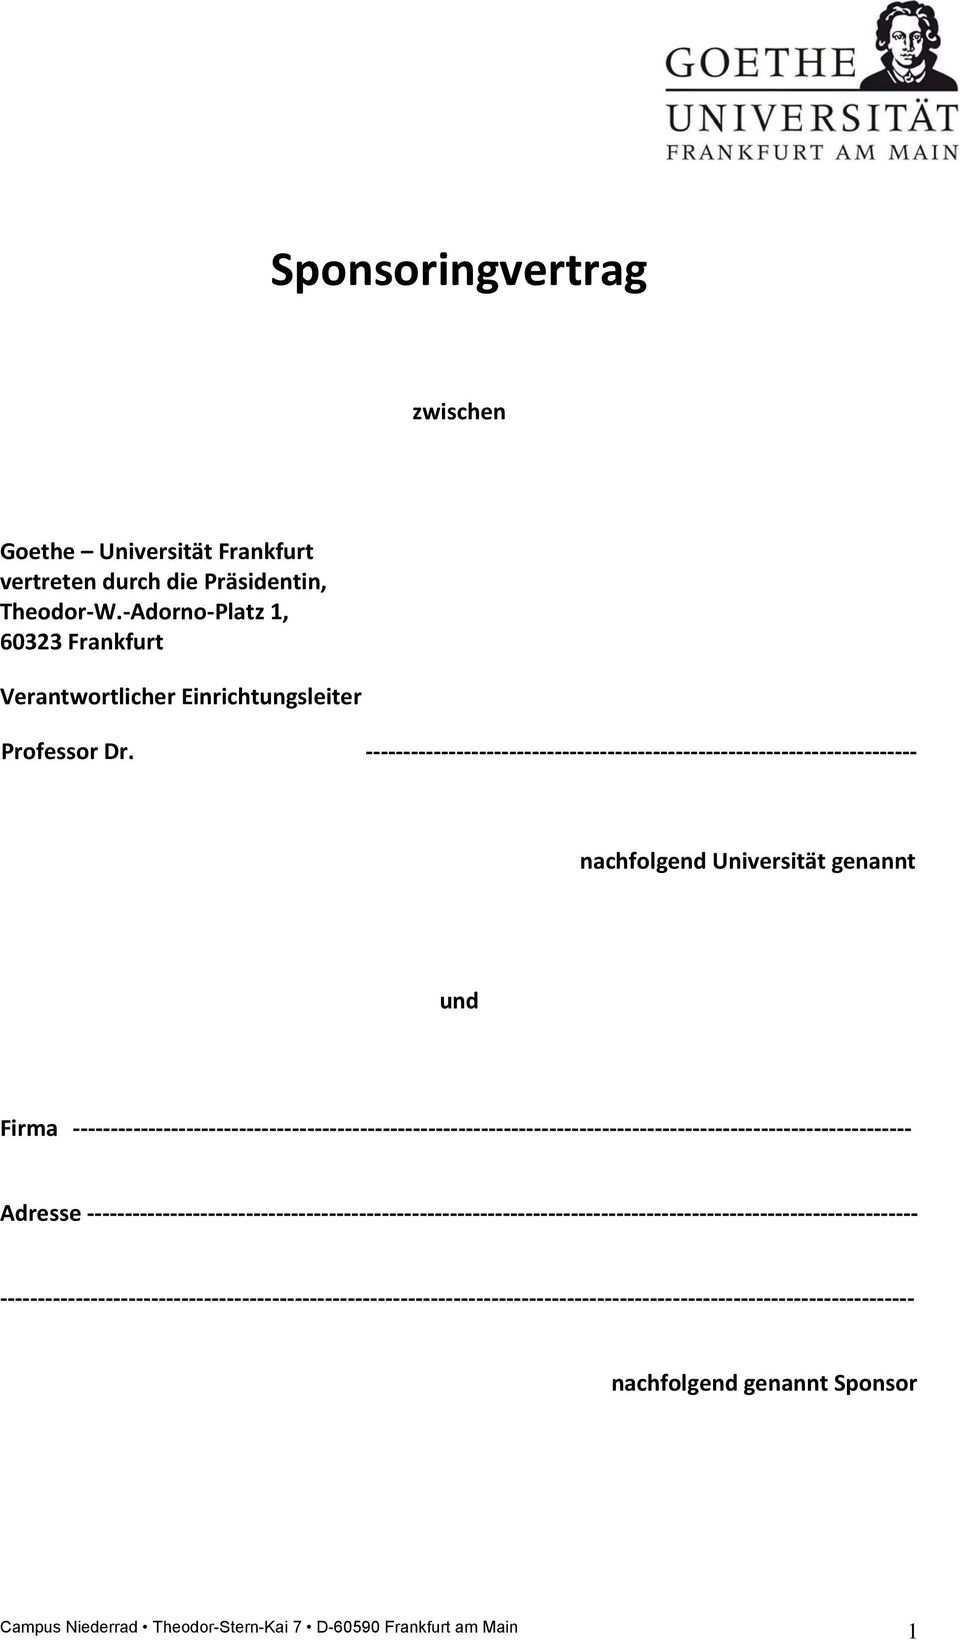 Sponsoringvertrag Zwischen Pdf Kostenfreier Download